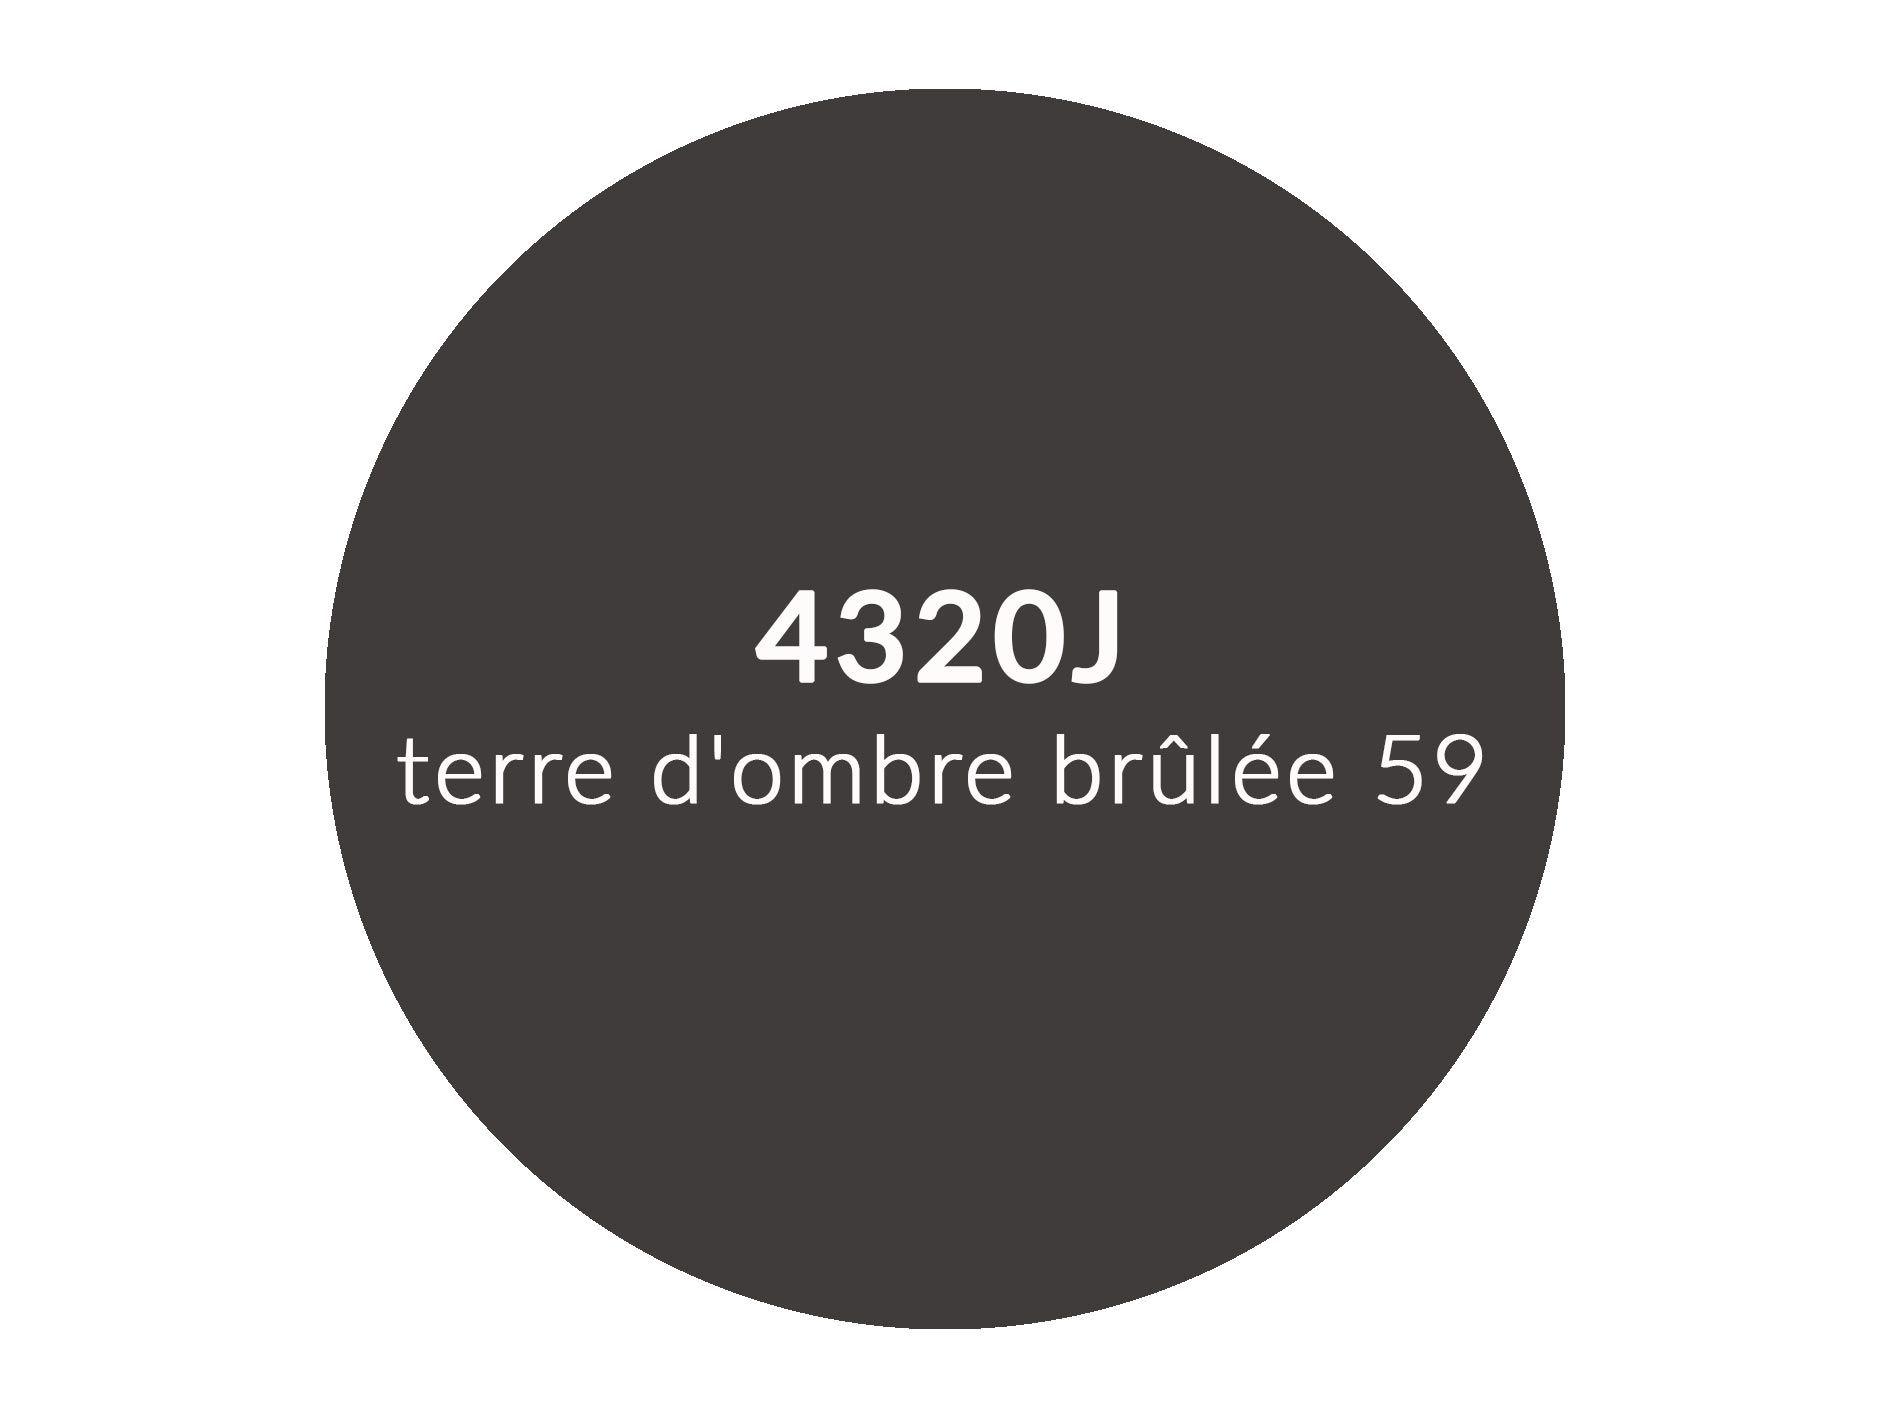 Le Corbusier S Polychromie Architecturale 52 63 J